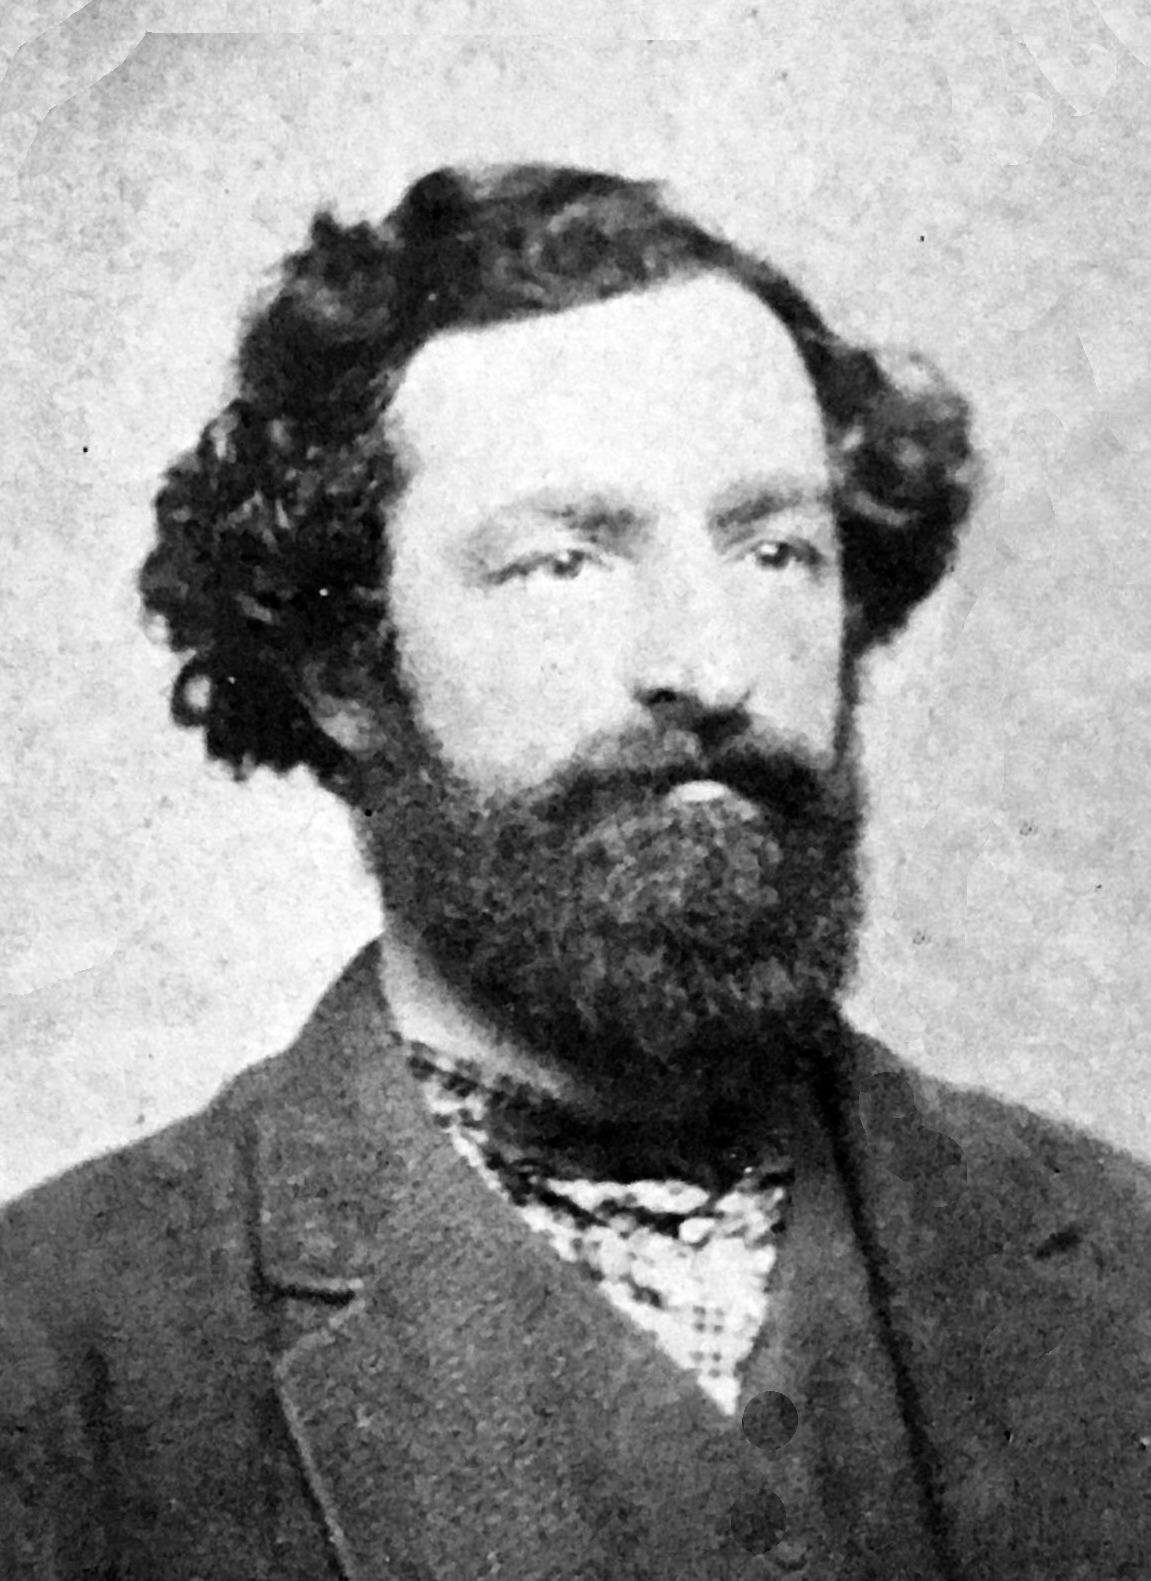 Brizzee, Henry Willard